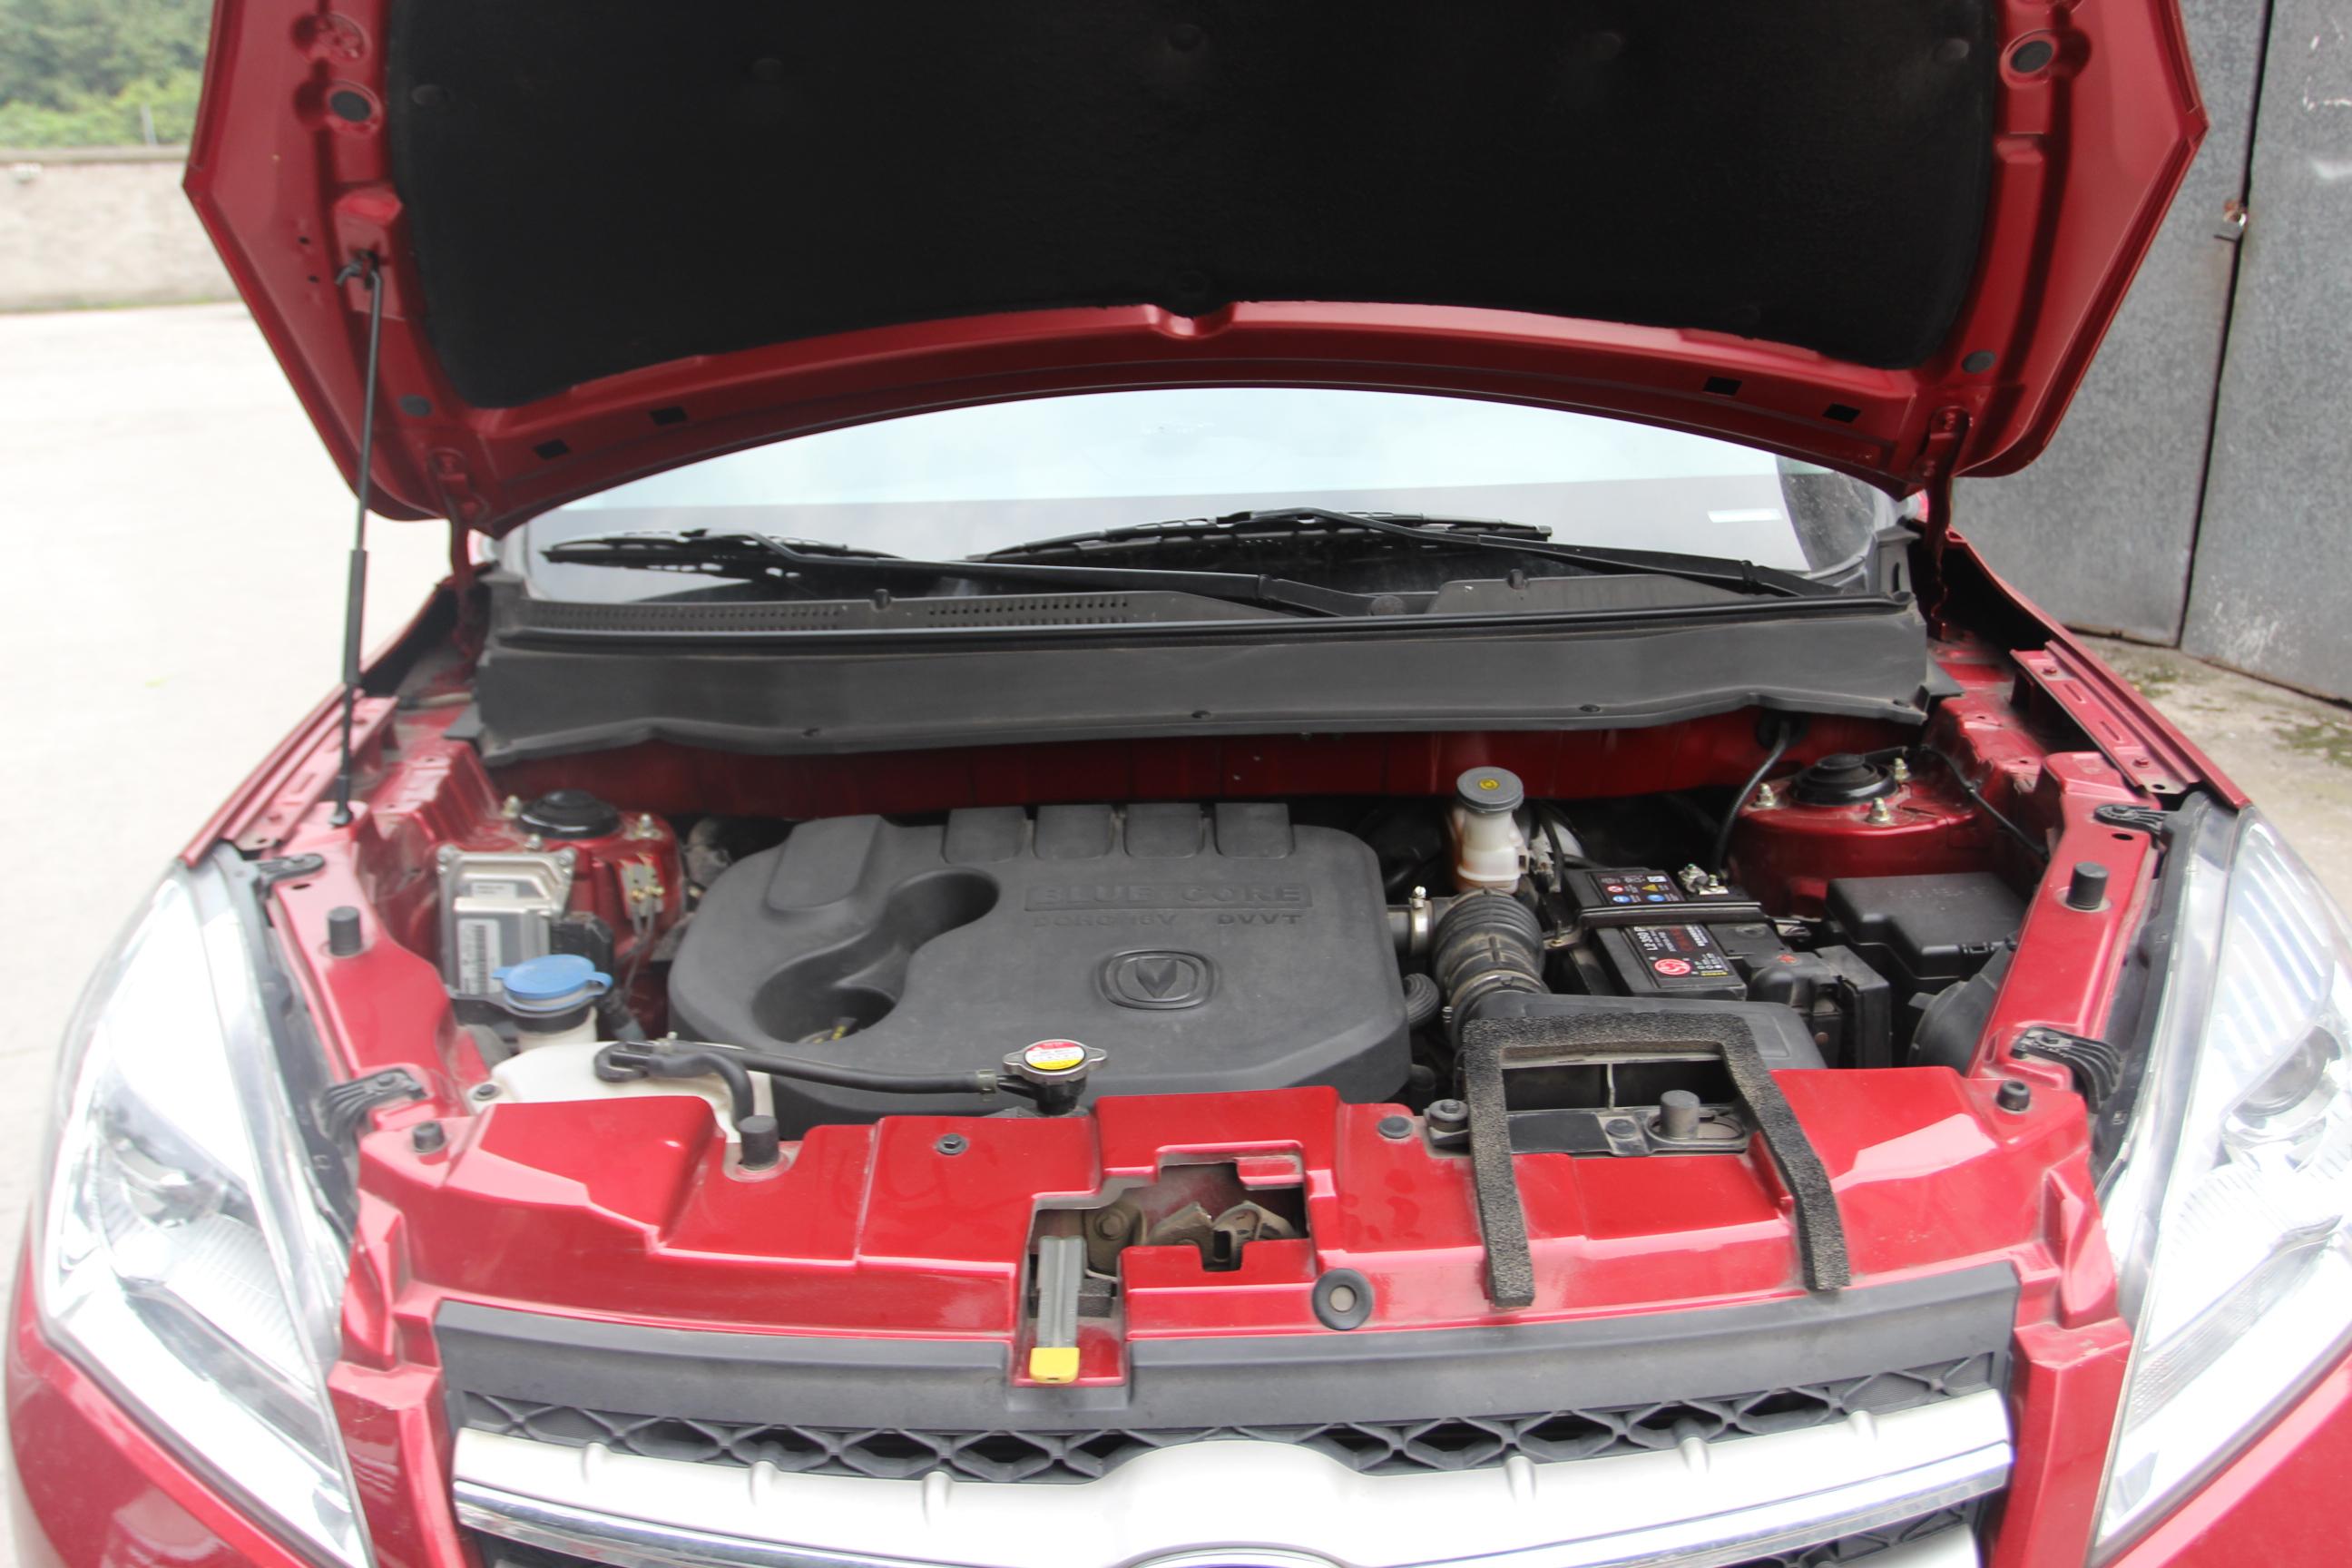 cs35发动机结构图解